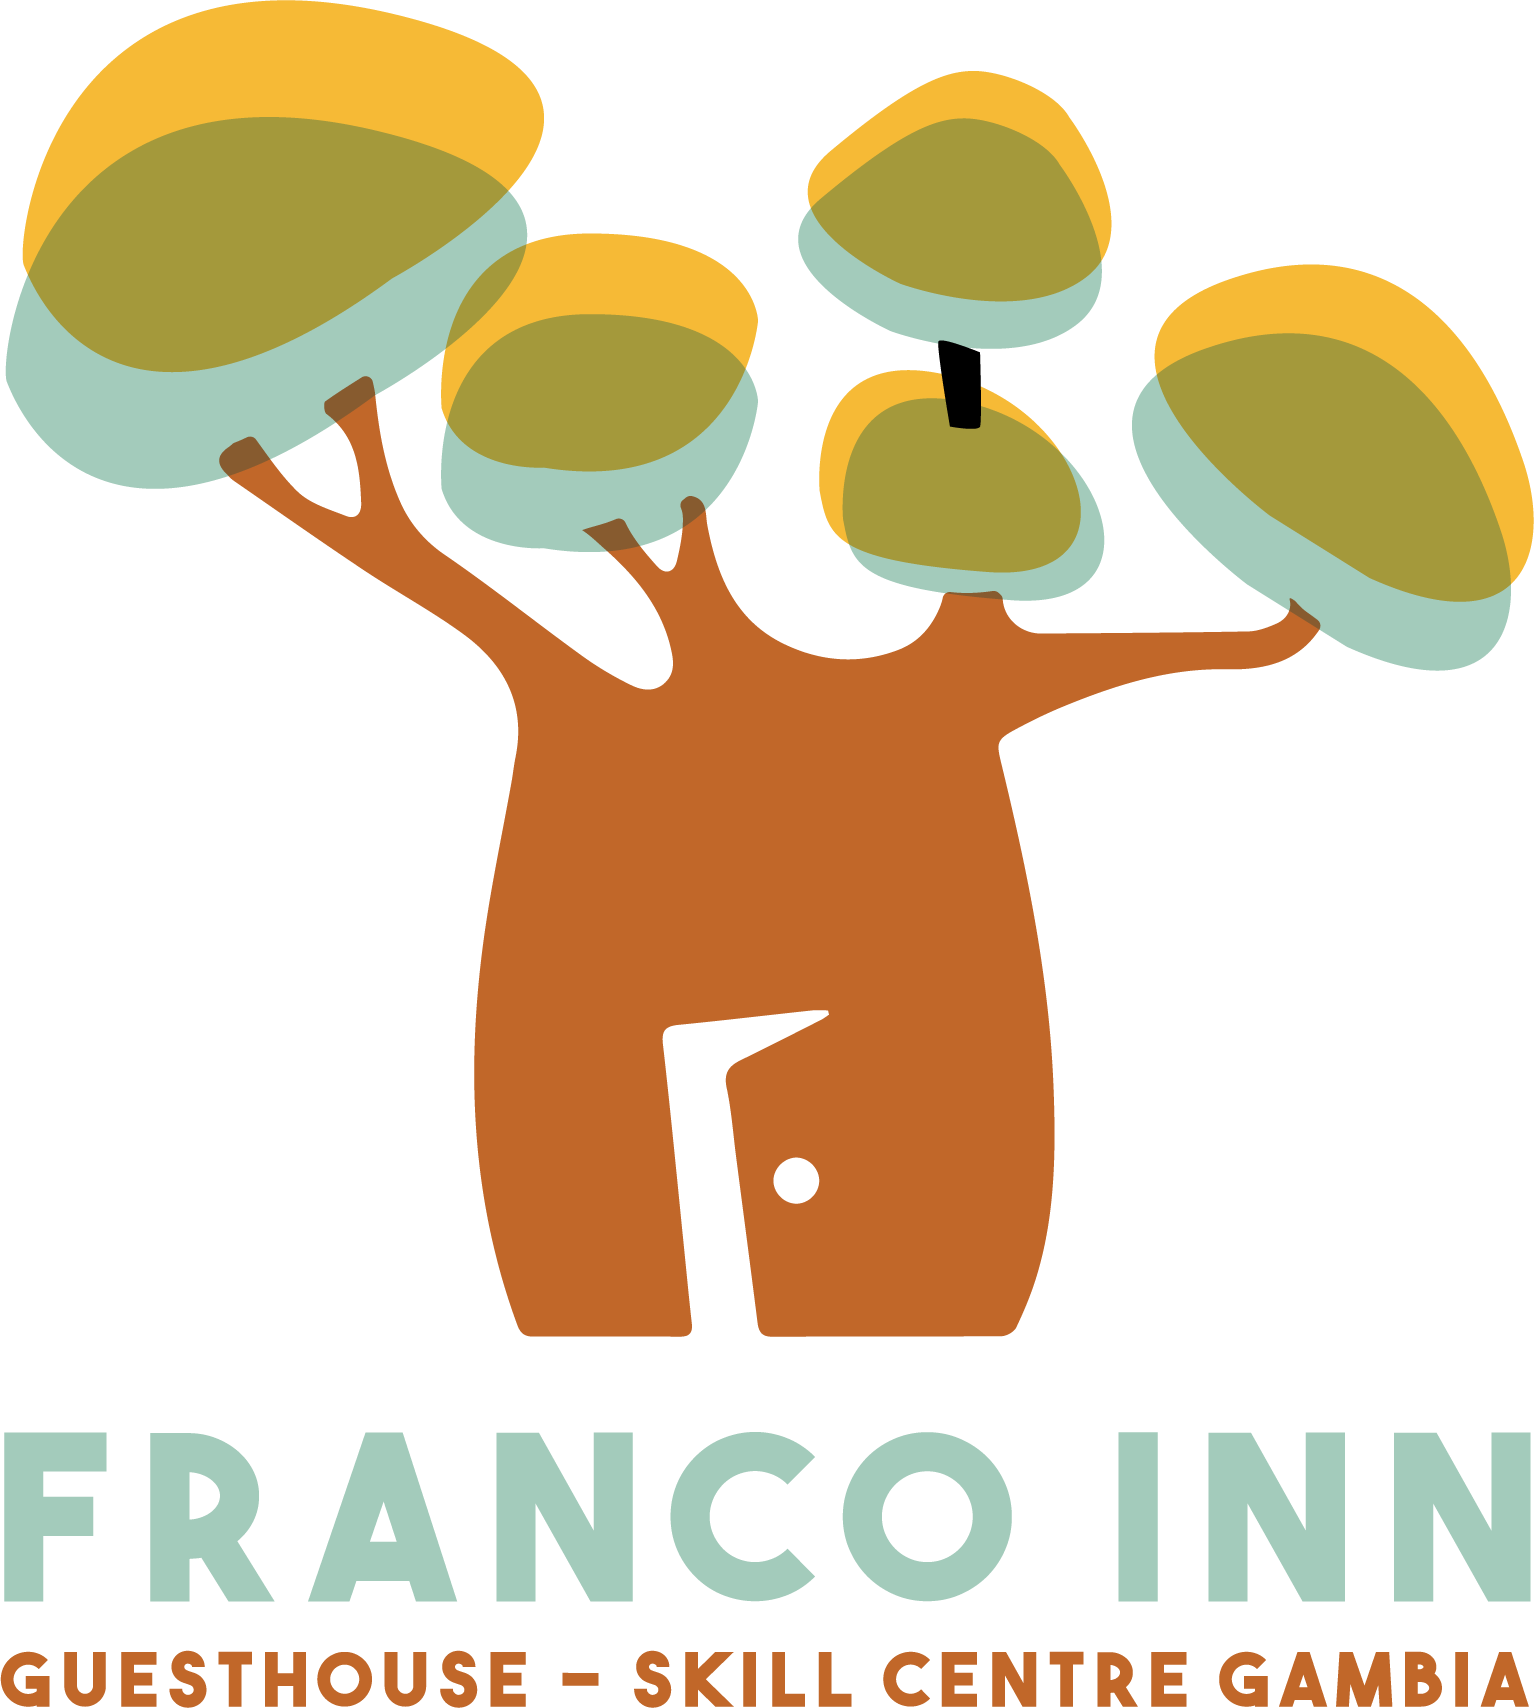 Franco Inn